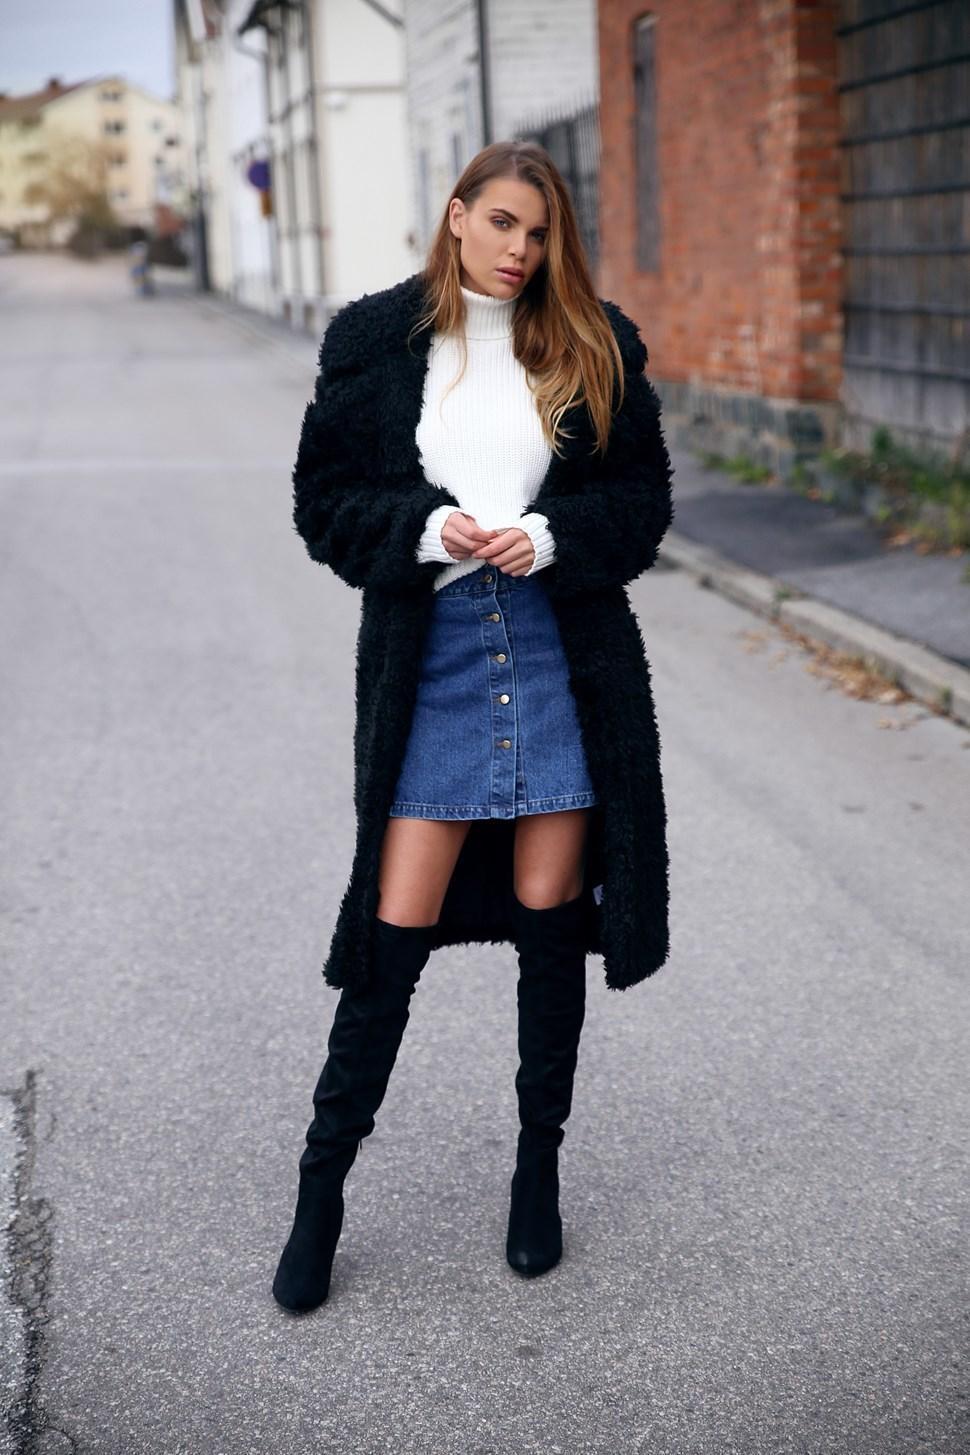 Джинсовая юбка и длинное пальто